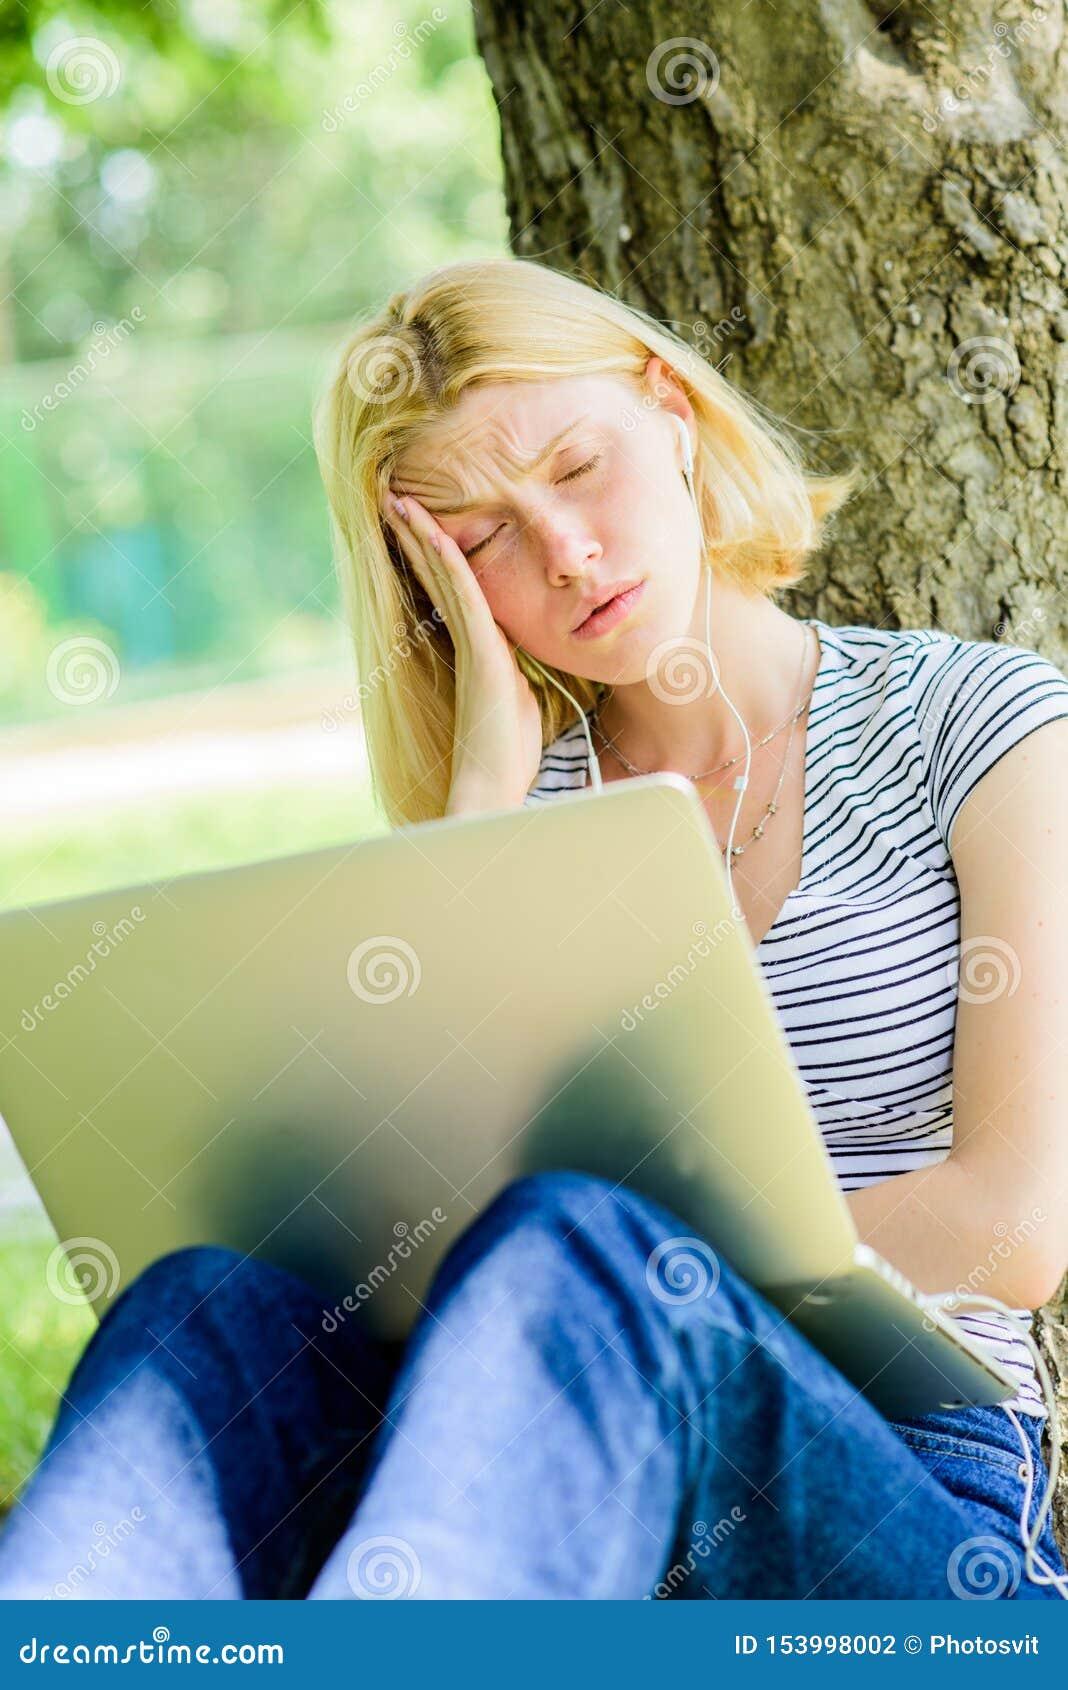 Фото уставших от работы девушек контрольная работа 1 по информатике информационные модели